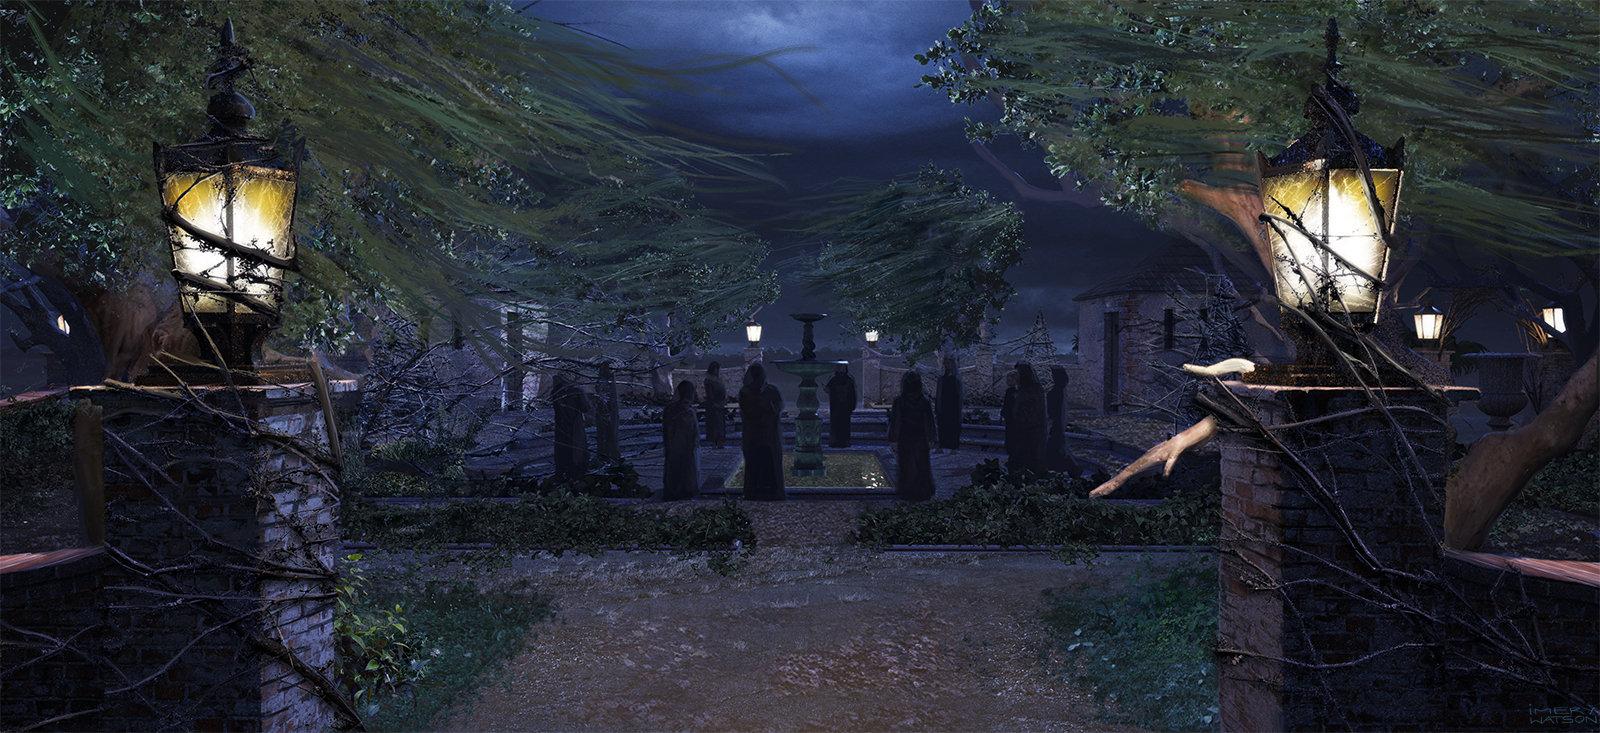 Garden ritual